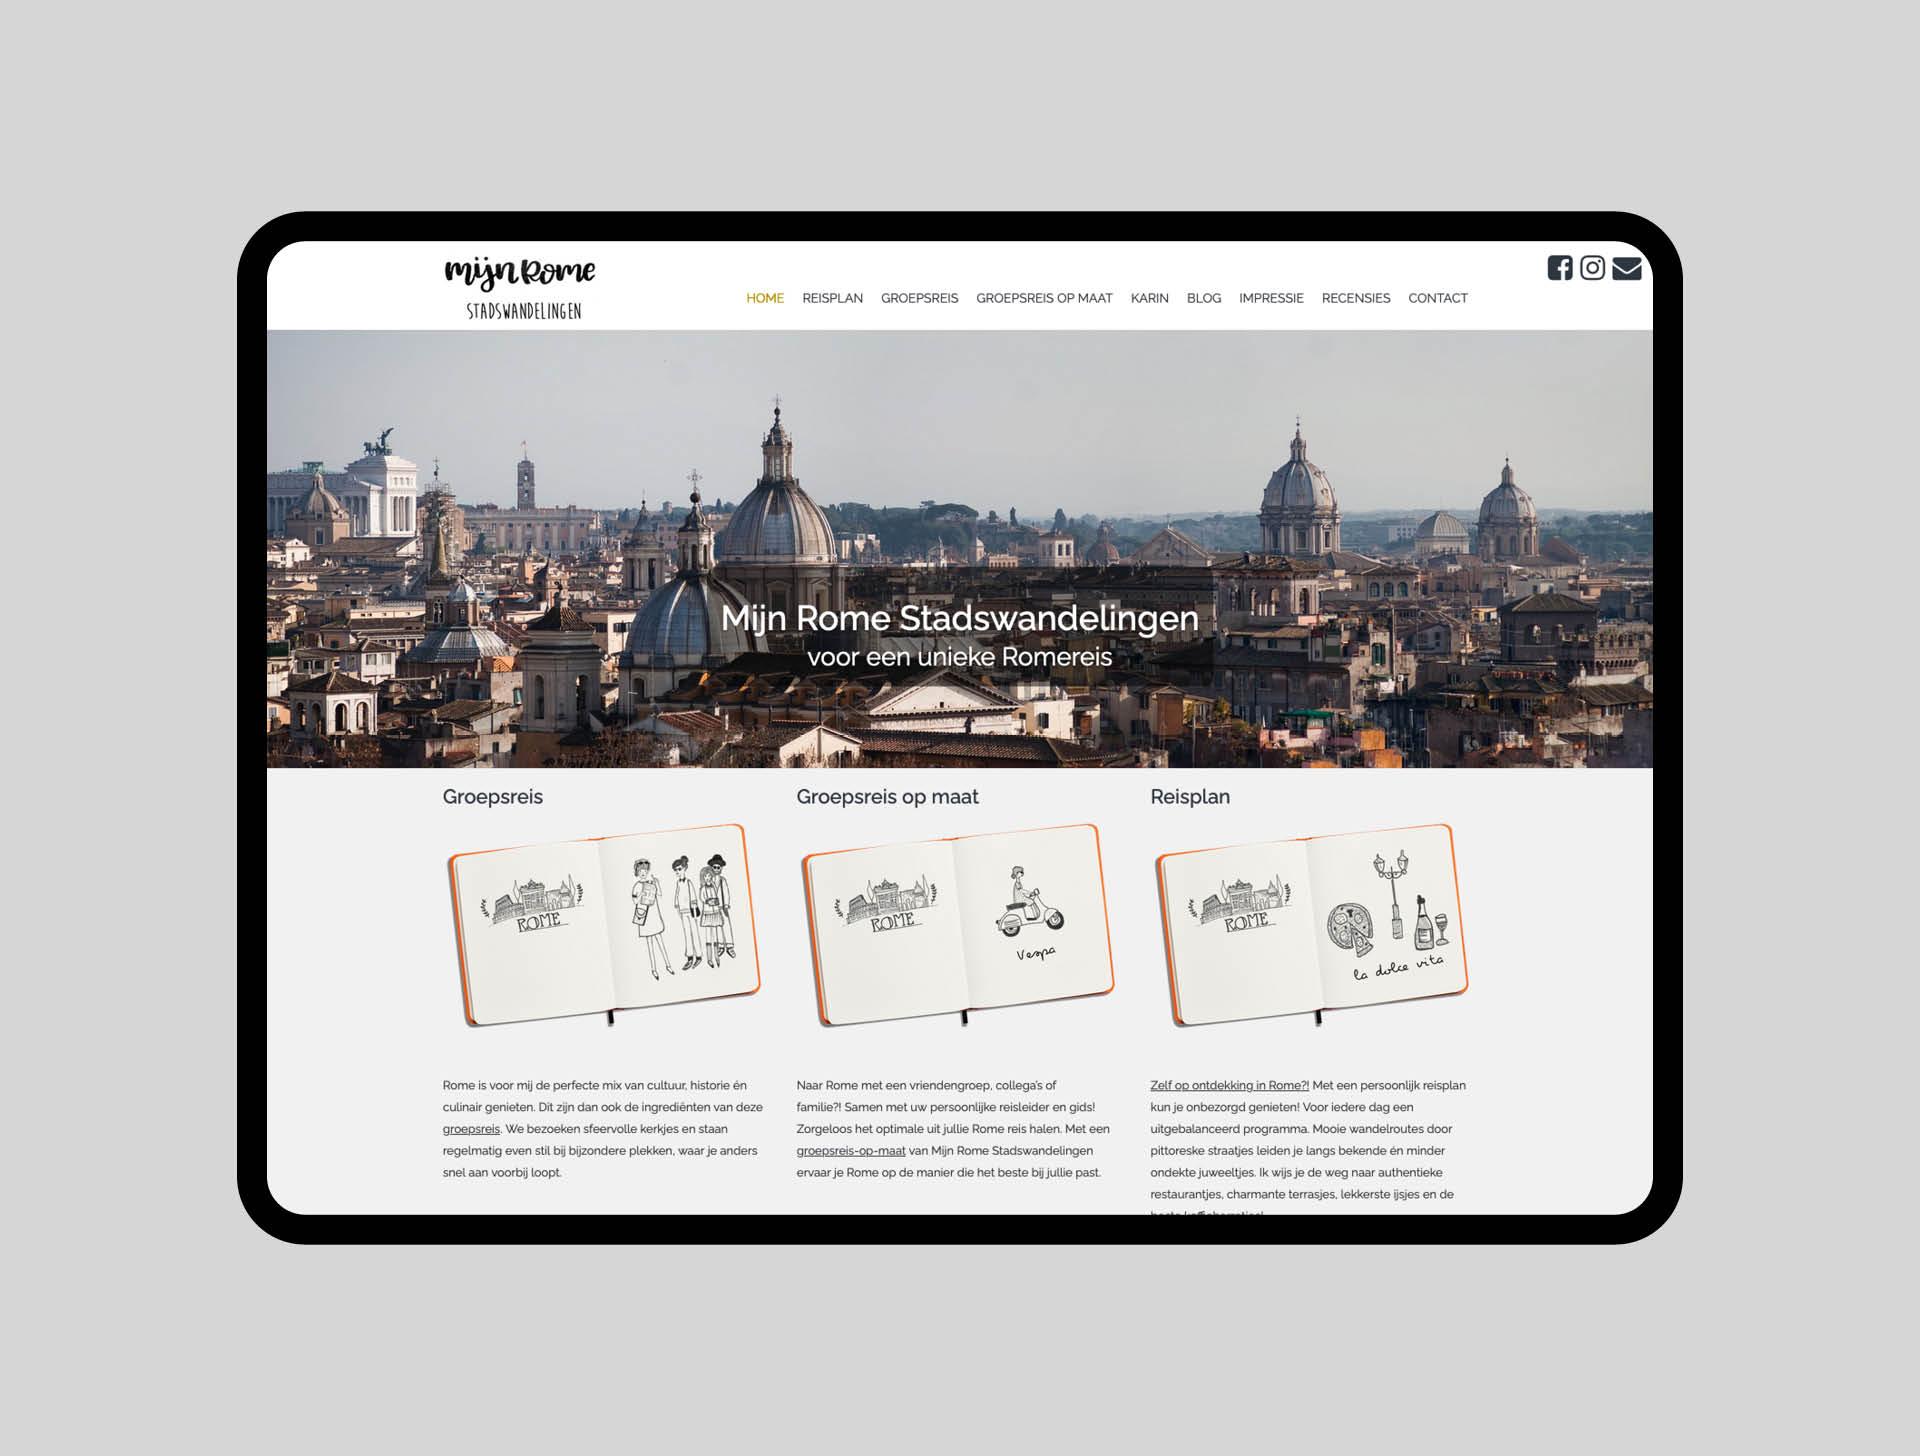 mijn rome stadswandelingen - website